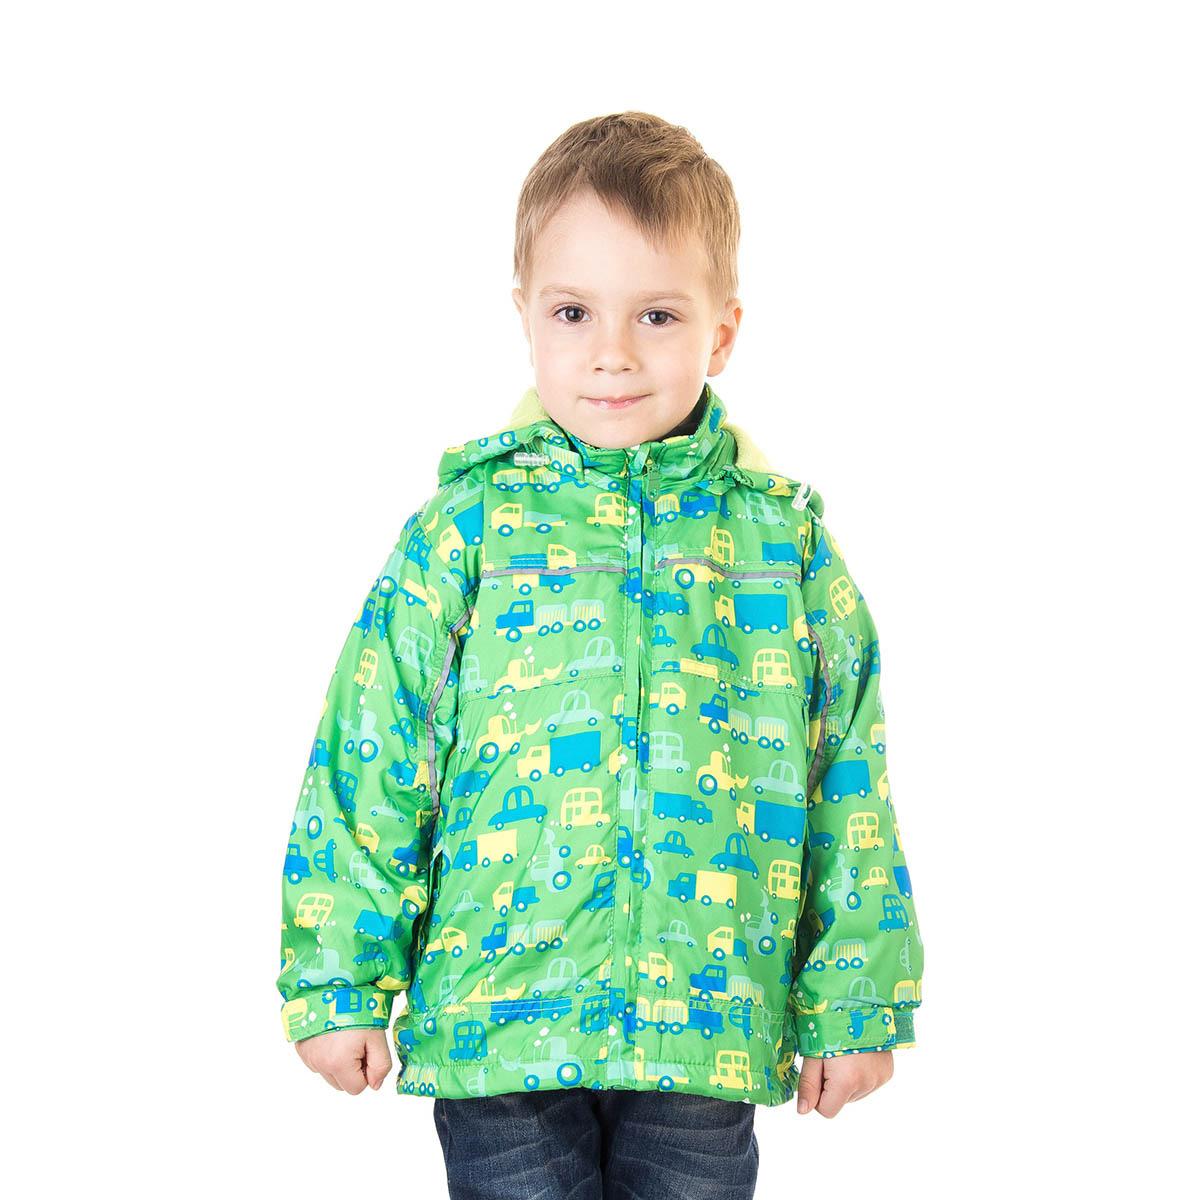 Ветровка для мальчика M&D, цвет: зеленый. 111525D-13. Размер 110111525D-13Ветровка для мальчика M&D идеально подойдет для вашего ребенка в прохладное время года. Модель изготовлена из 100% полиэстера с подкладкой из натурального хлопка. Ветровка с воротником стойкой дополнена капюшоном, который пристегивается с помощью молнии. Застегивается модель на пластиковую застежку-молнию с защитой подбородка. Низ рукавов присборен на резинки. Предусмотрена утяжка в виде резинок со стопперами: на капюшоне и внутри изделия понизу. Спереди модель дополнена двумя втачными карманами на застежках-молниях. Оформлена ветровка красочным цветочным принтом с изображением машин.